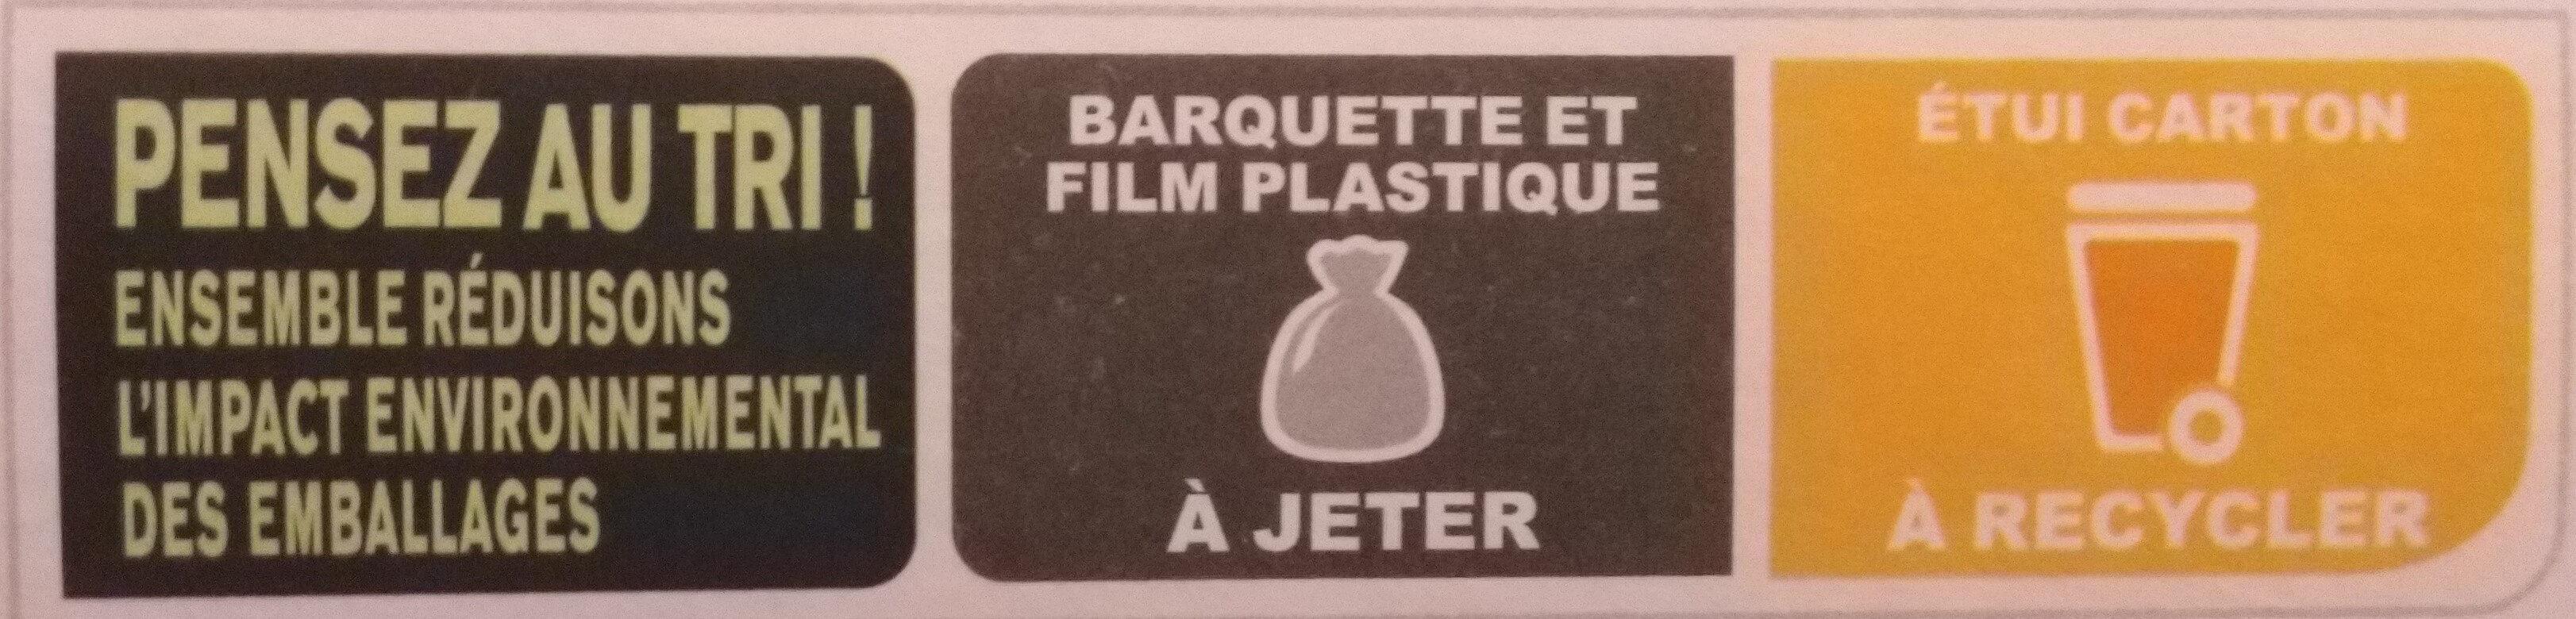 Moussaka - Instruction de recyclage et/ou informations d'emballage - fr